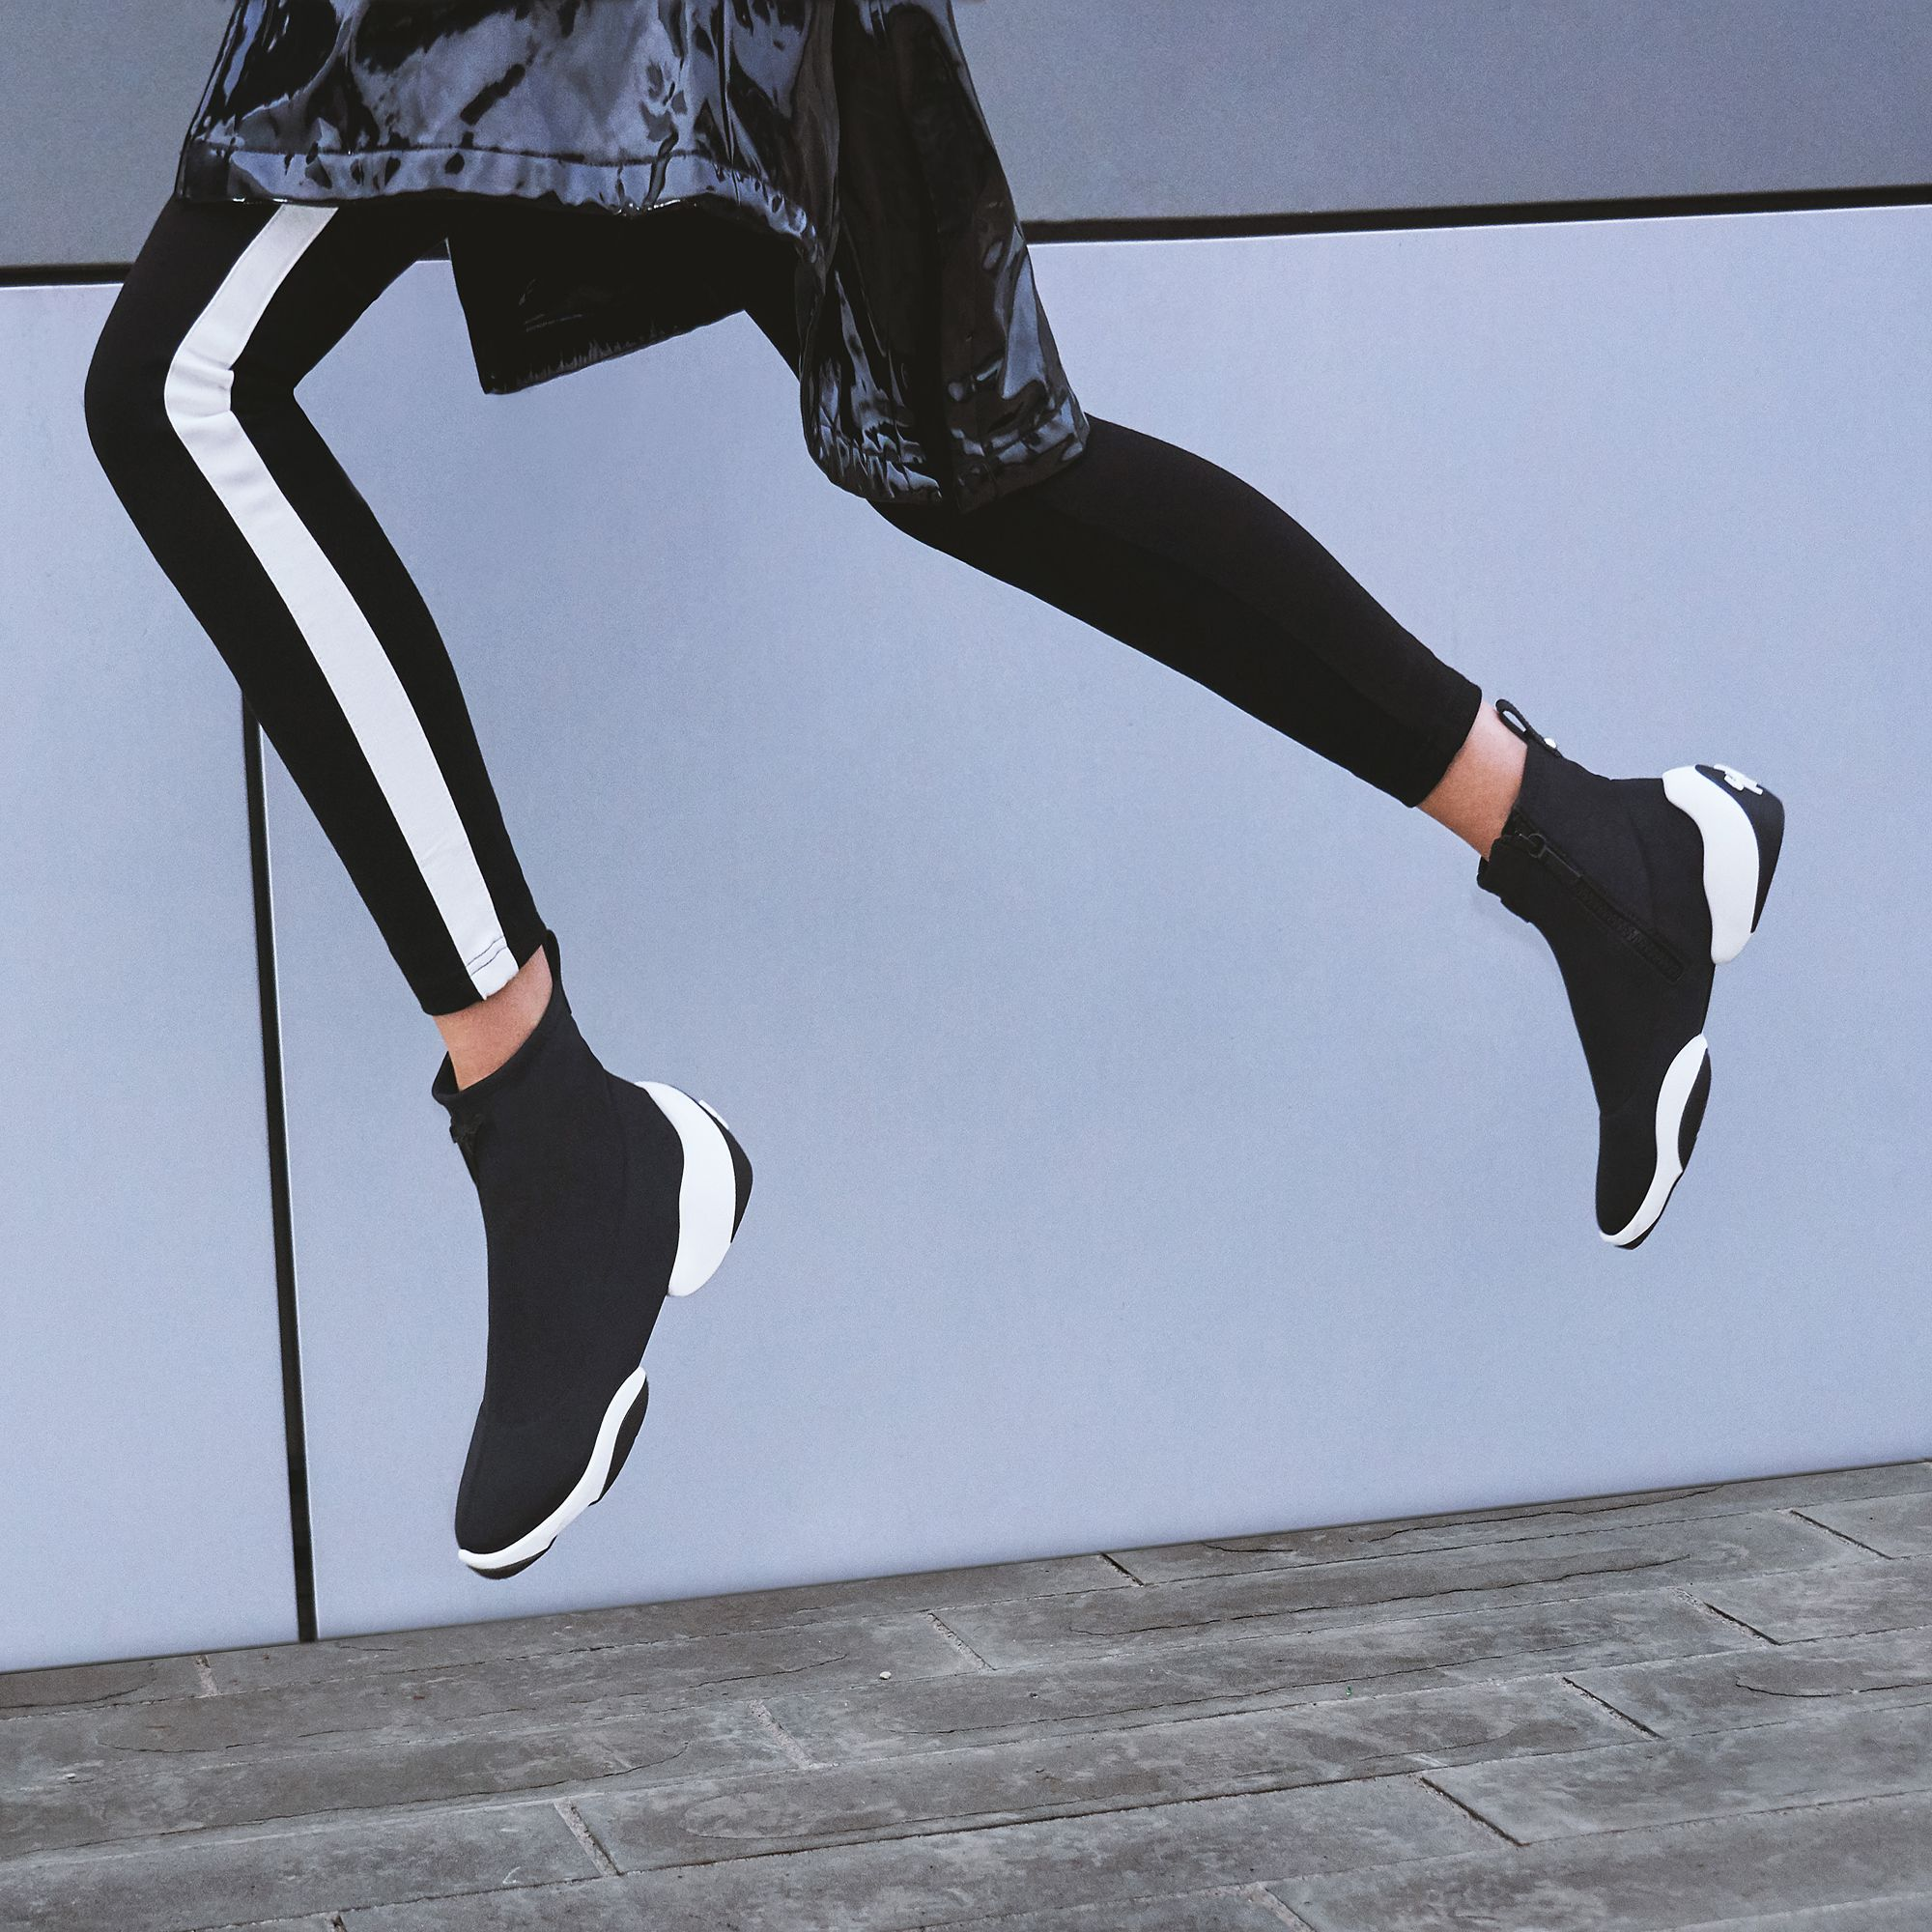 f3090f6b0a553 So light, you'll feel like you can fly. The LIGHT JUMP HT1 for women.  #JoinTheJump #LightJump #GiuseppeZanotti